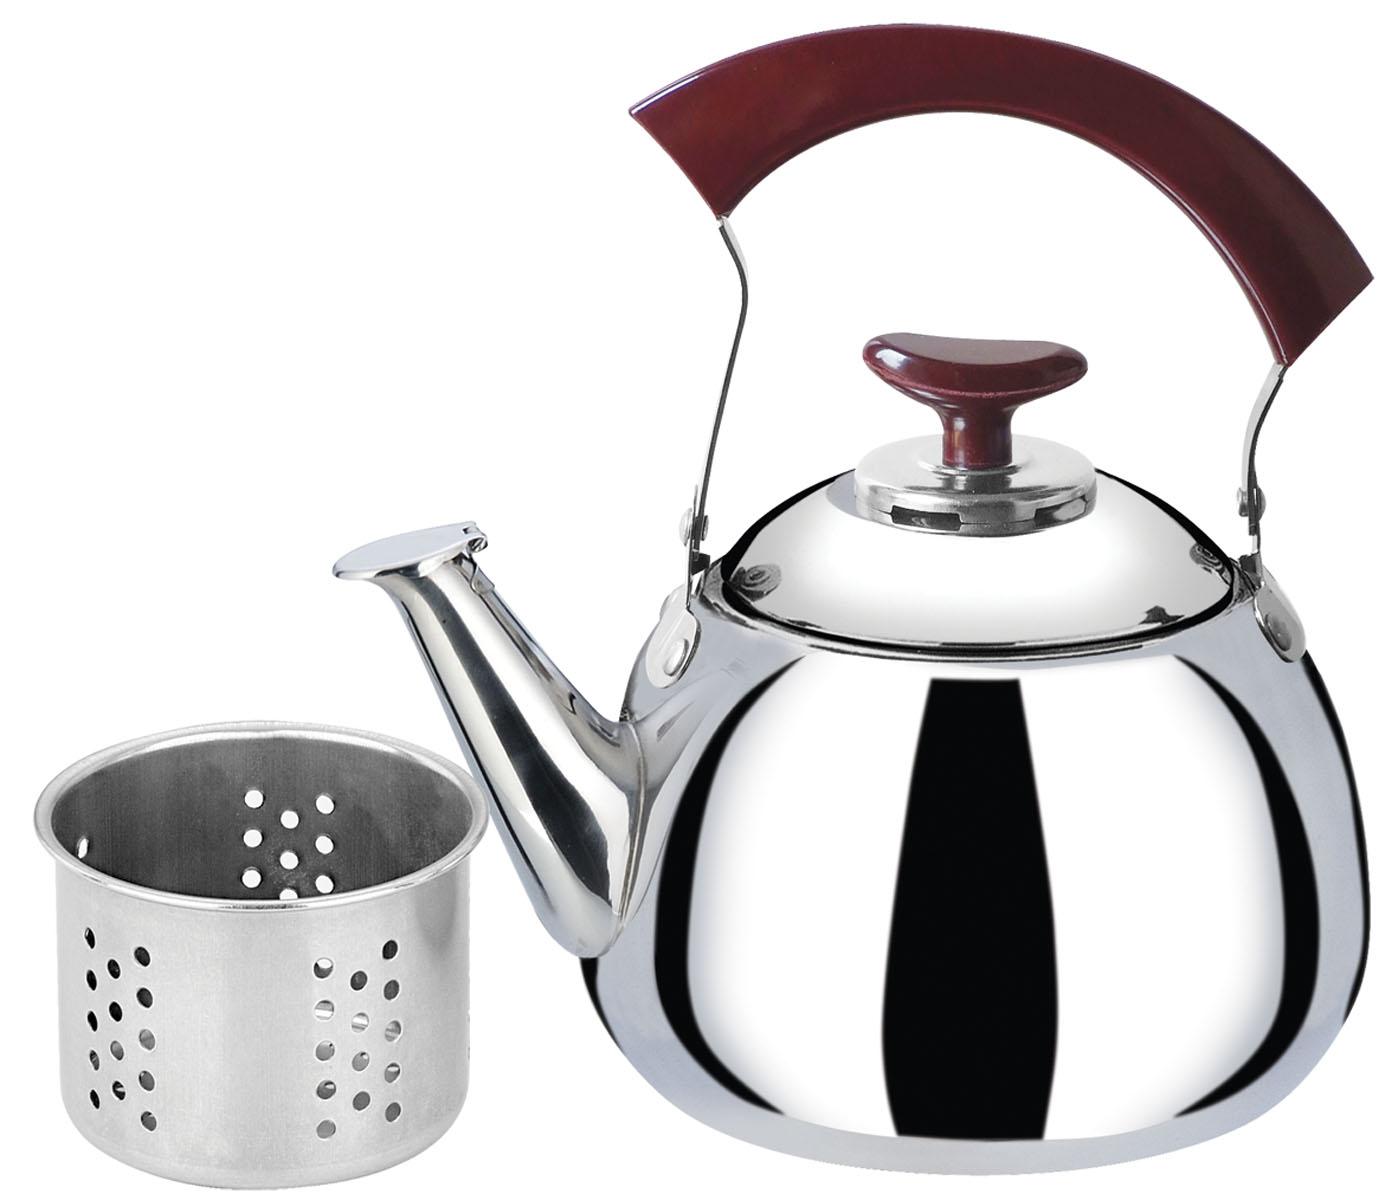 Чайник Bekker, с ситечком, 2 л68/5/4Чайник Bekker выполнен из высококачественной нержавеющей стали, что обеспечивает долговечность использования. Внешнее зеркальное покрытие придает приятный внешний вид. Бакелитовая ручка делает использование чайника очень удобным и безопасным. Чайник снабжен ситечком для заваривания. Можно мыть в посудомоечной машине. Пригоден для всех видов плит, включая индукционные.